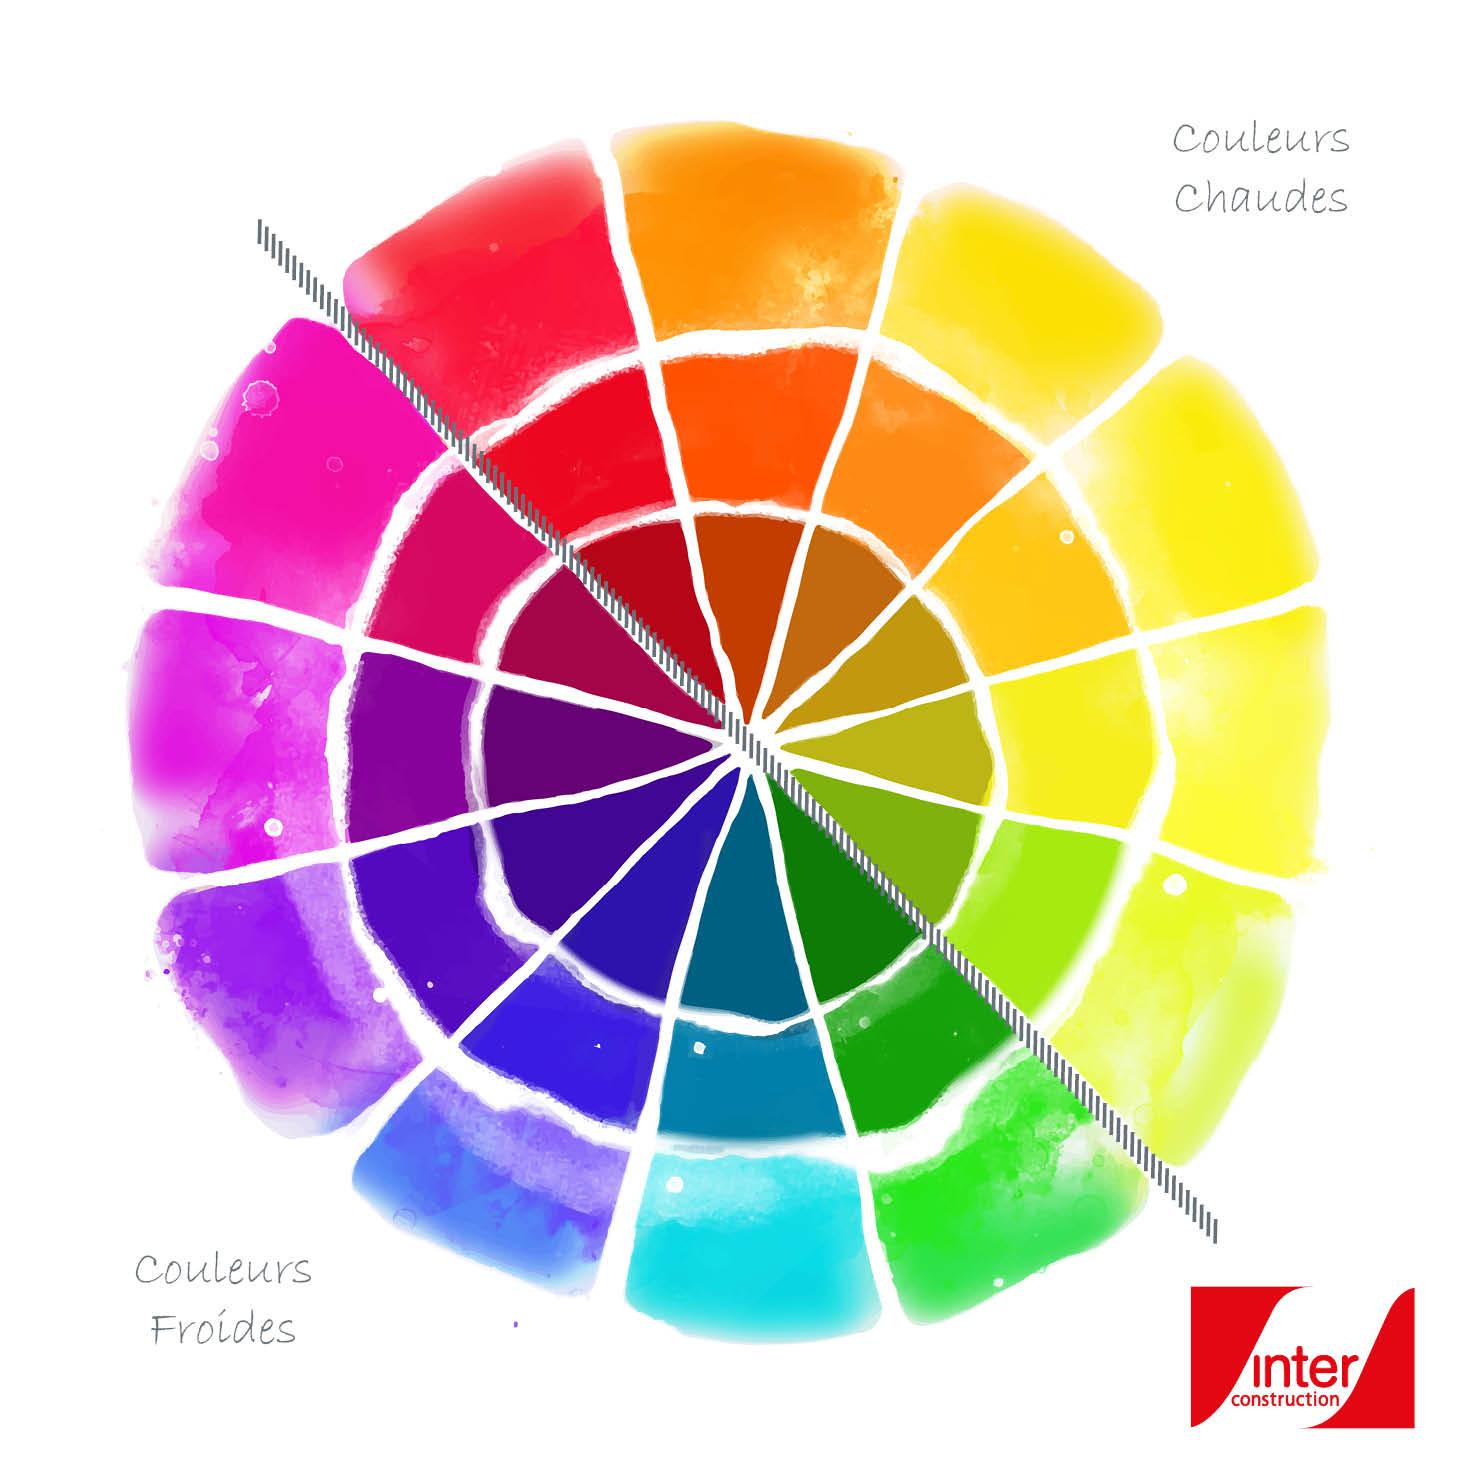 Les couleurs dans votre intérieur et leurs influences sur vos humeurs